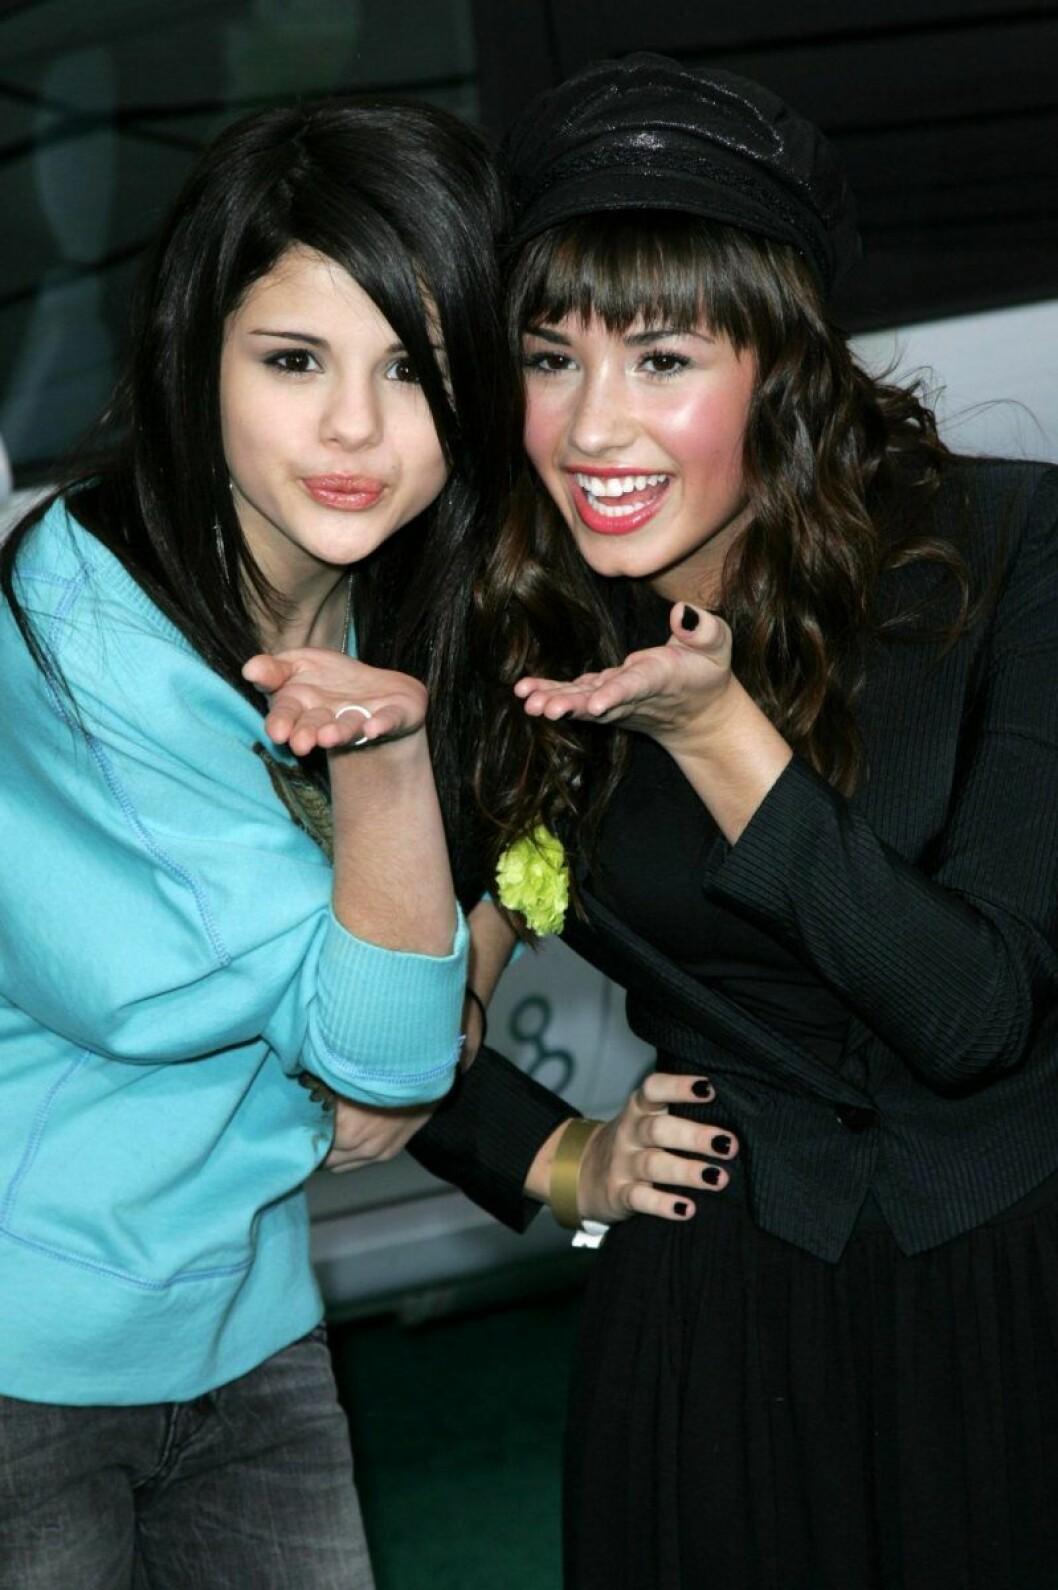 Demi Lovato och Selena Gomez blåser slänkyssar mot kameran